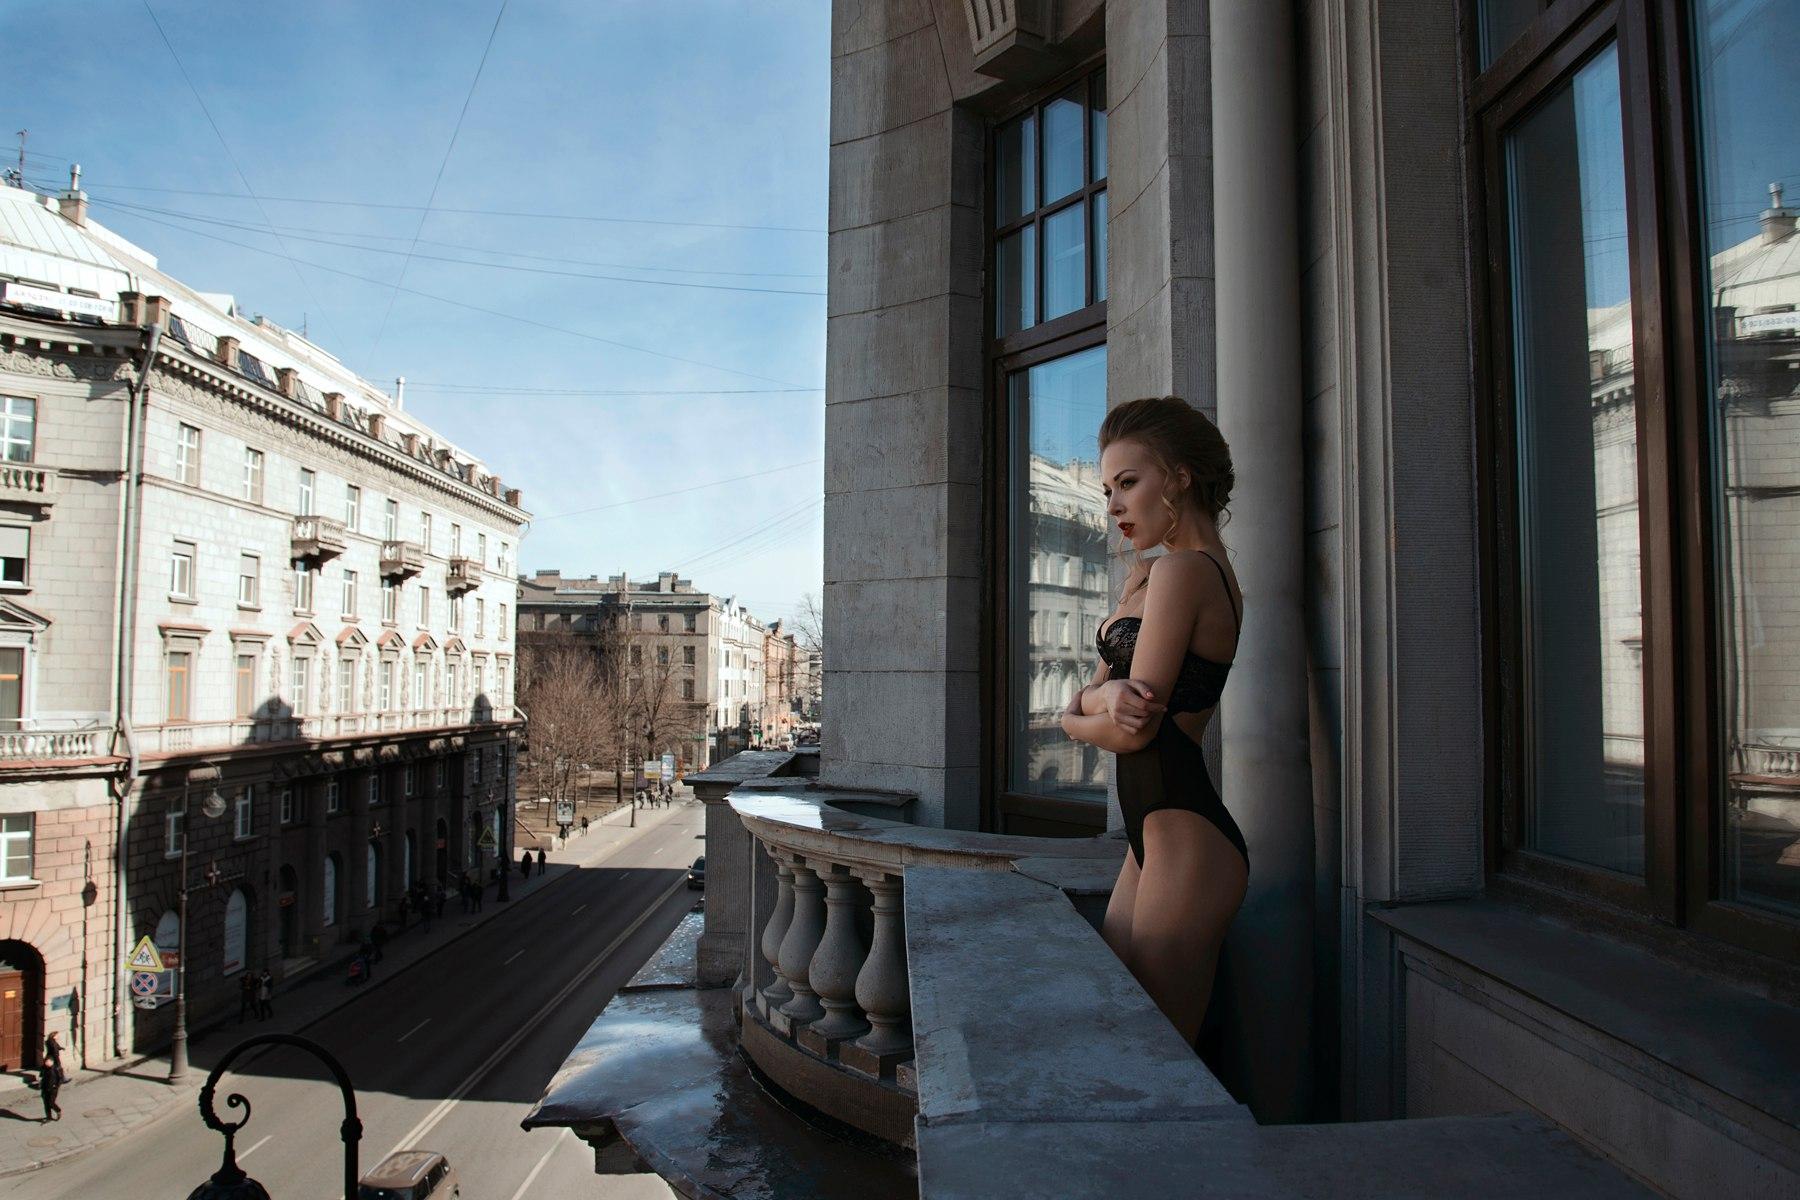 yutub-devushka-na-balkone-vivernuli-ruki-i-zhestko-ottrahali-vo-vse-sheli-foto